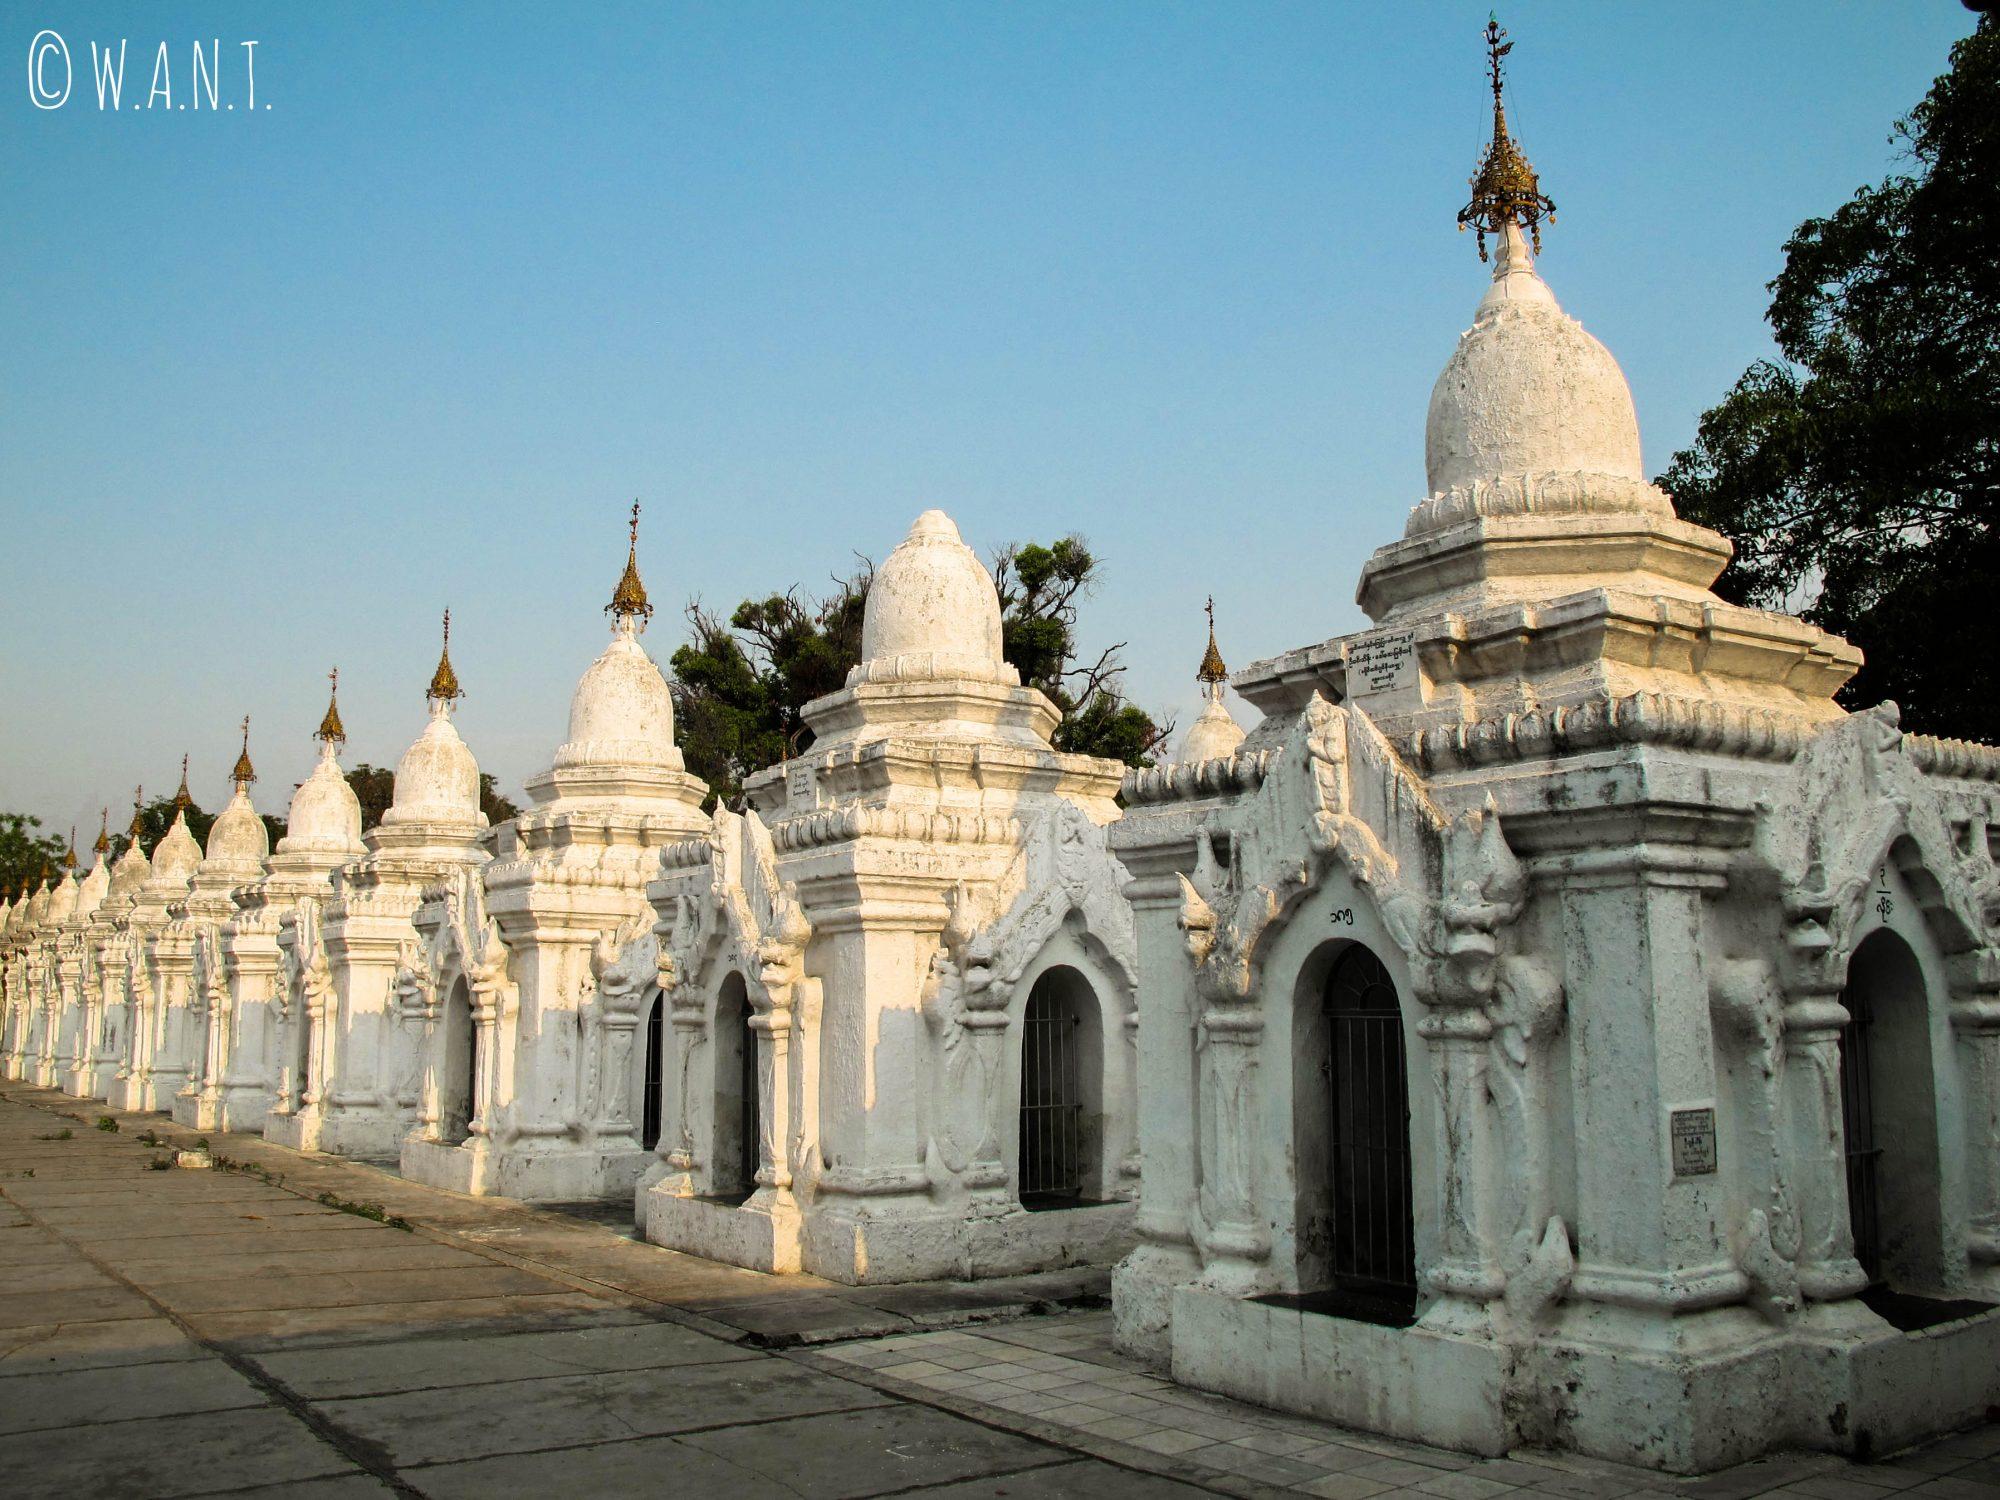 On dénombre 729 stupas au sein de Kuthodaw, abritant le Tripitaka : un texte sacré bouddhique